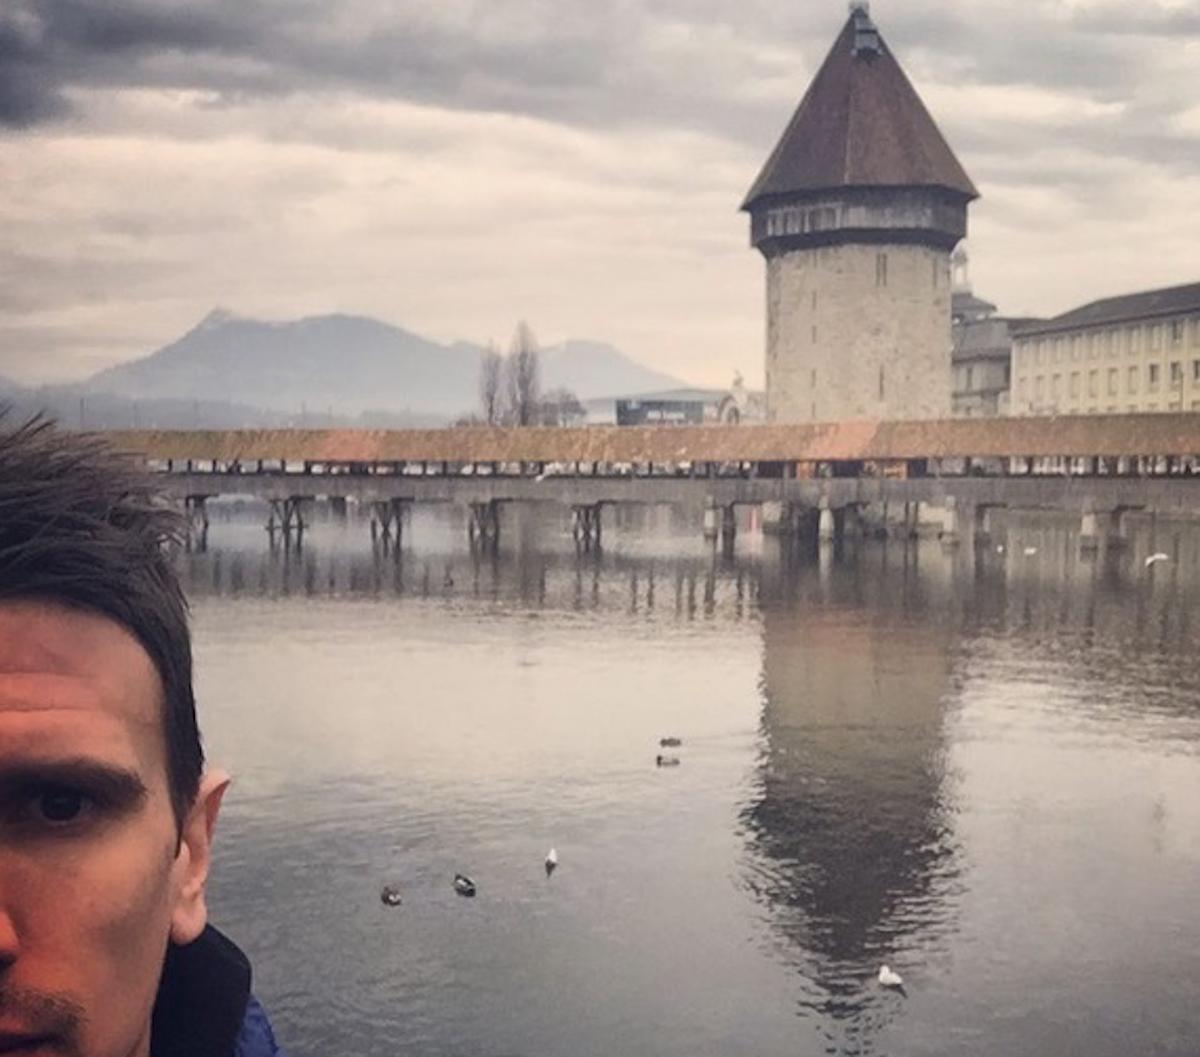 Heimweh-Luzerner und gerne am See: der Profihandballer als Tourist auf Instagram.